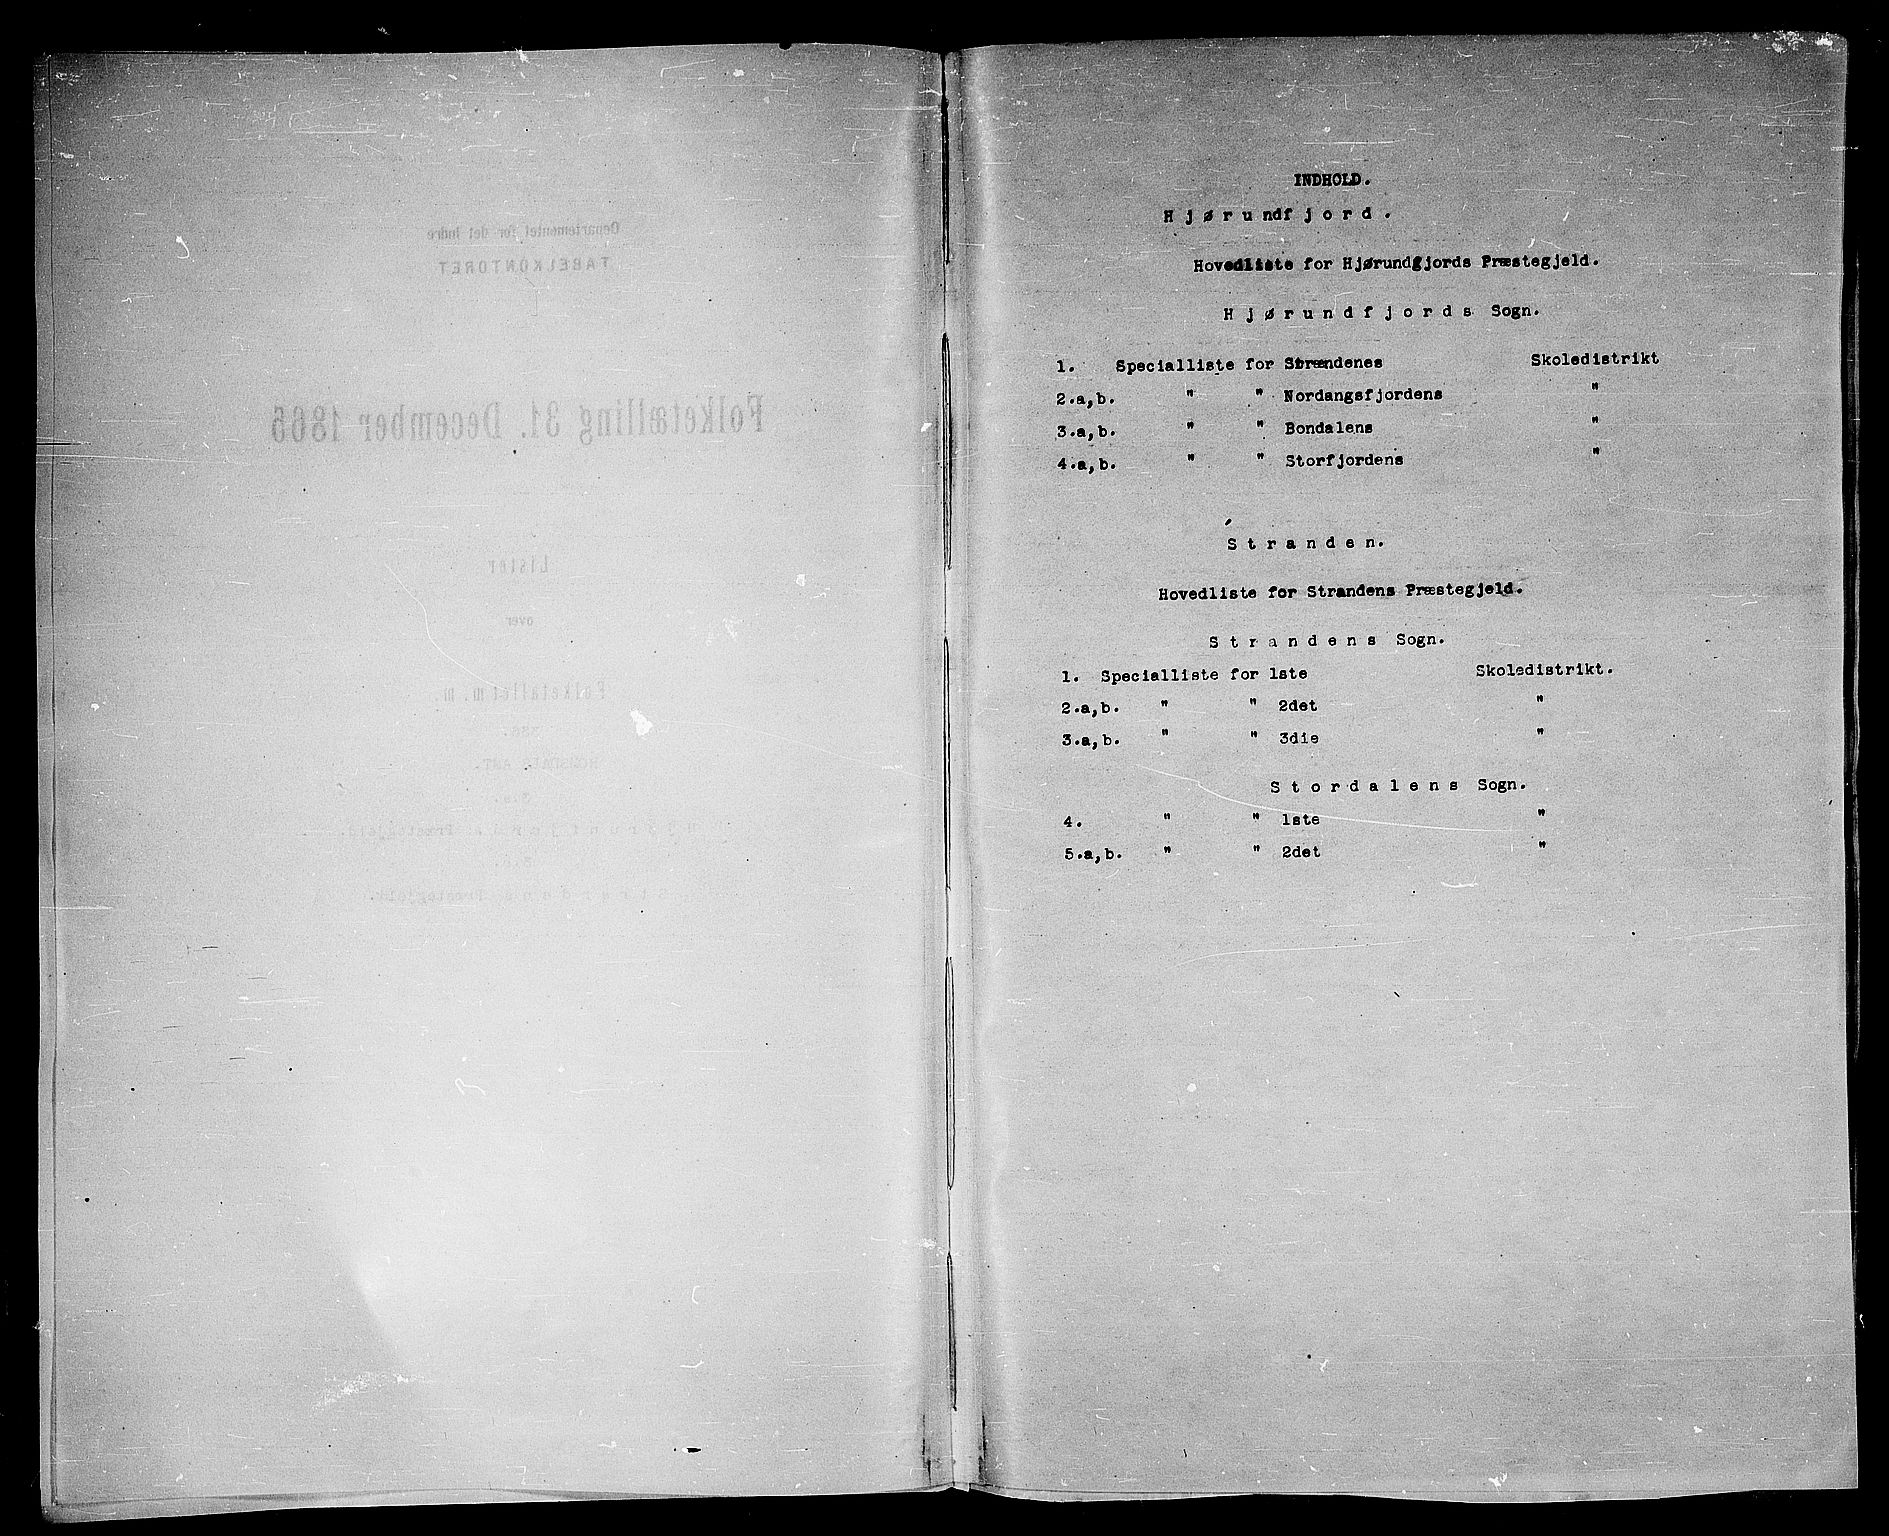 RA, Folketelling 1865 for 1522P Hjørundfjord prestegjeld, 1865, s. 4